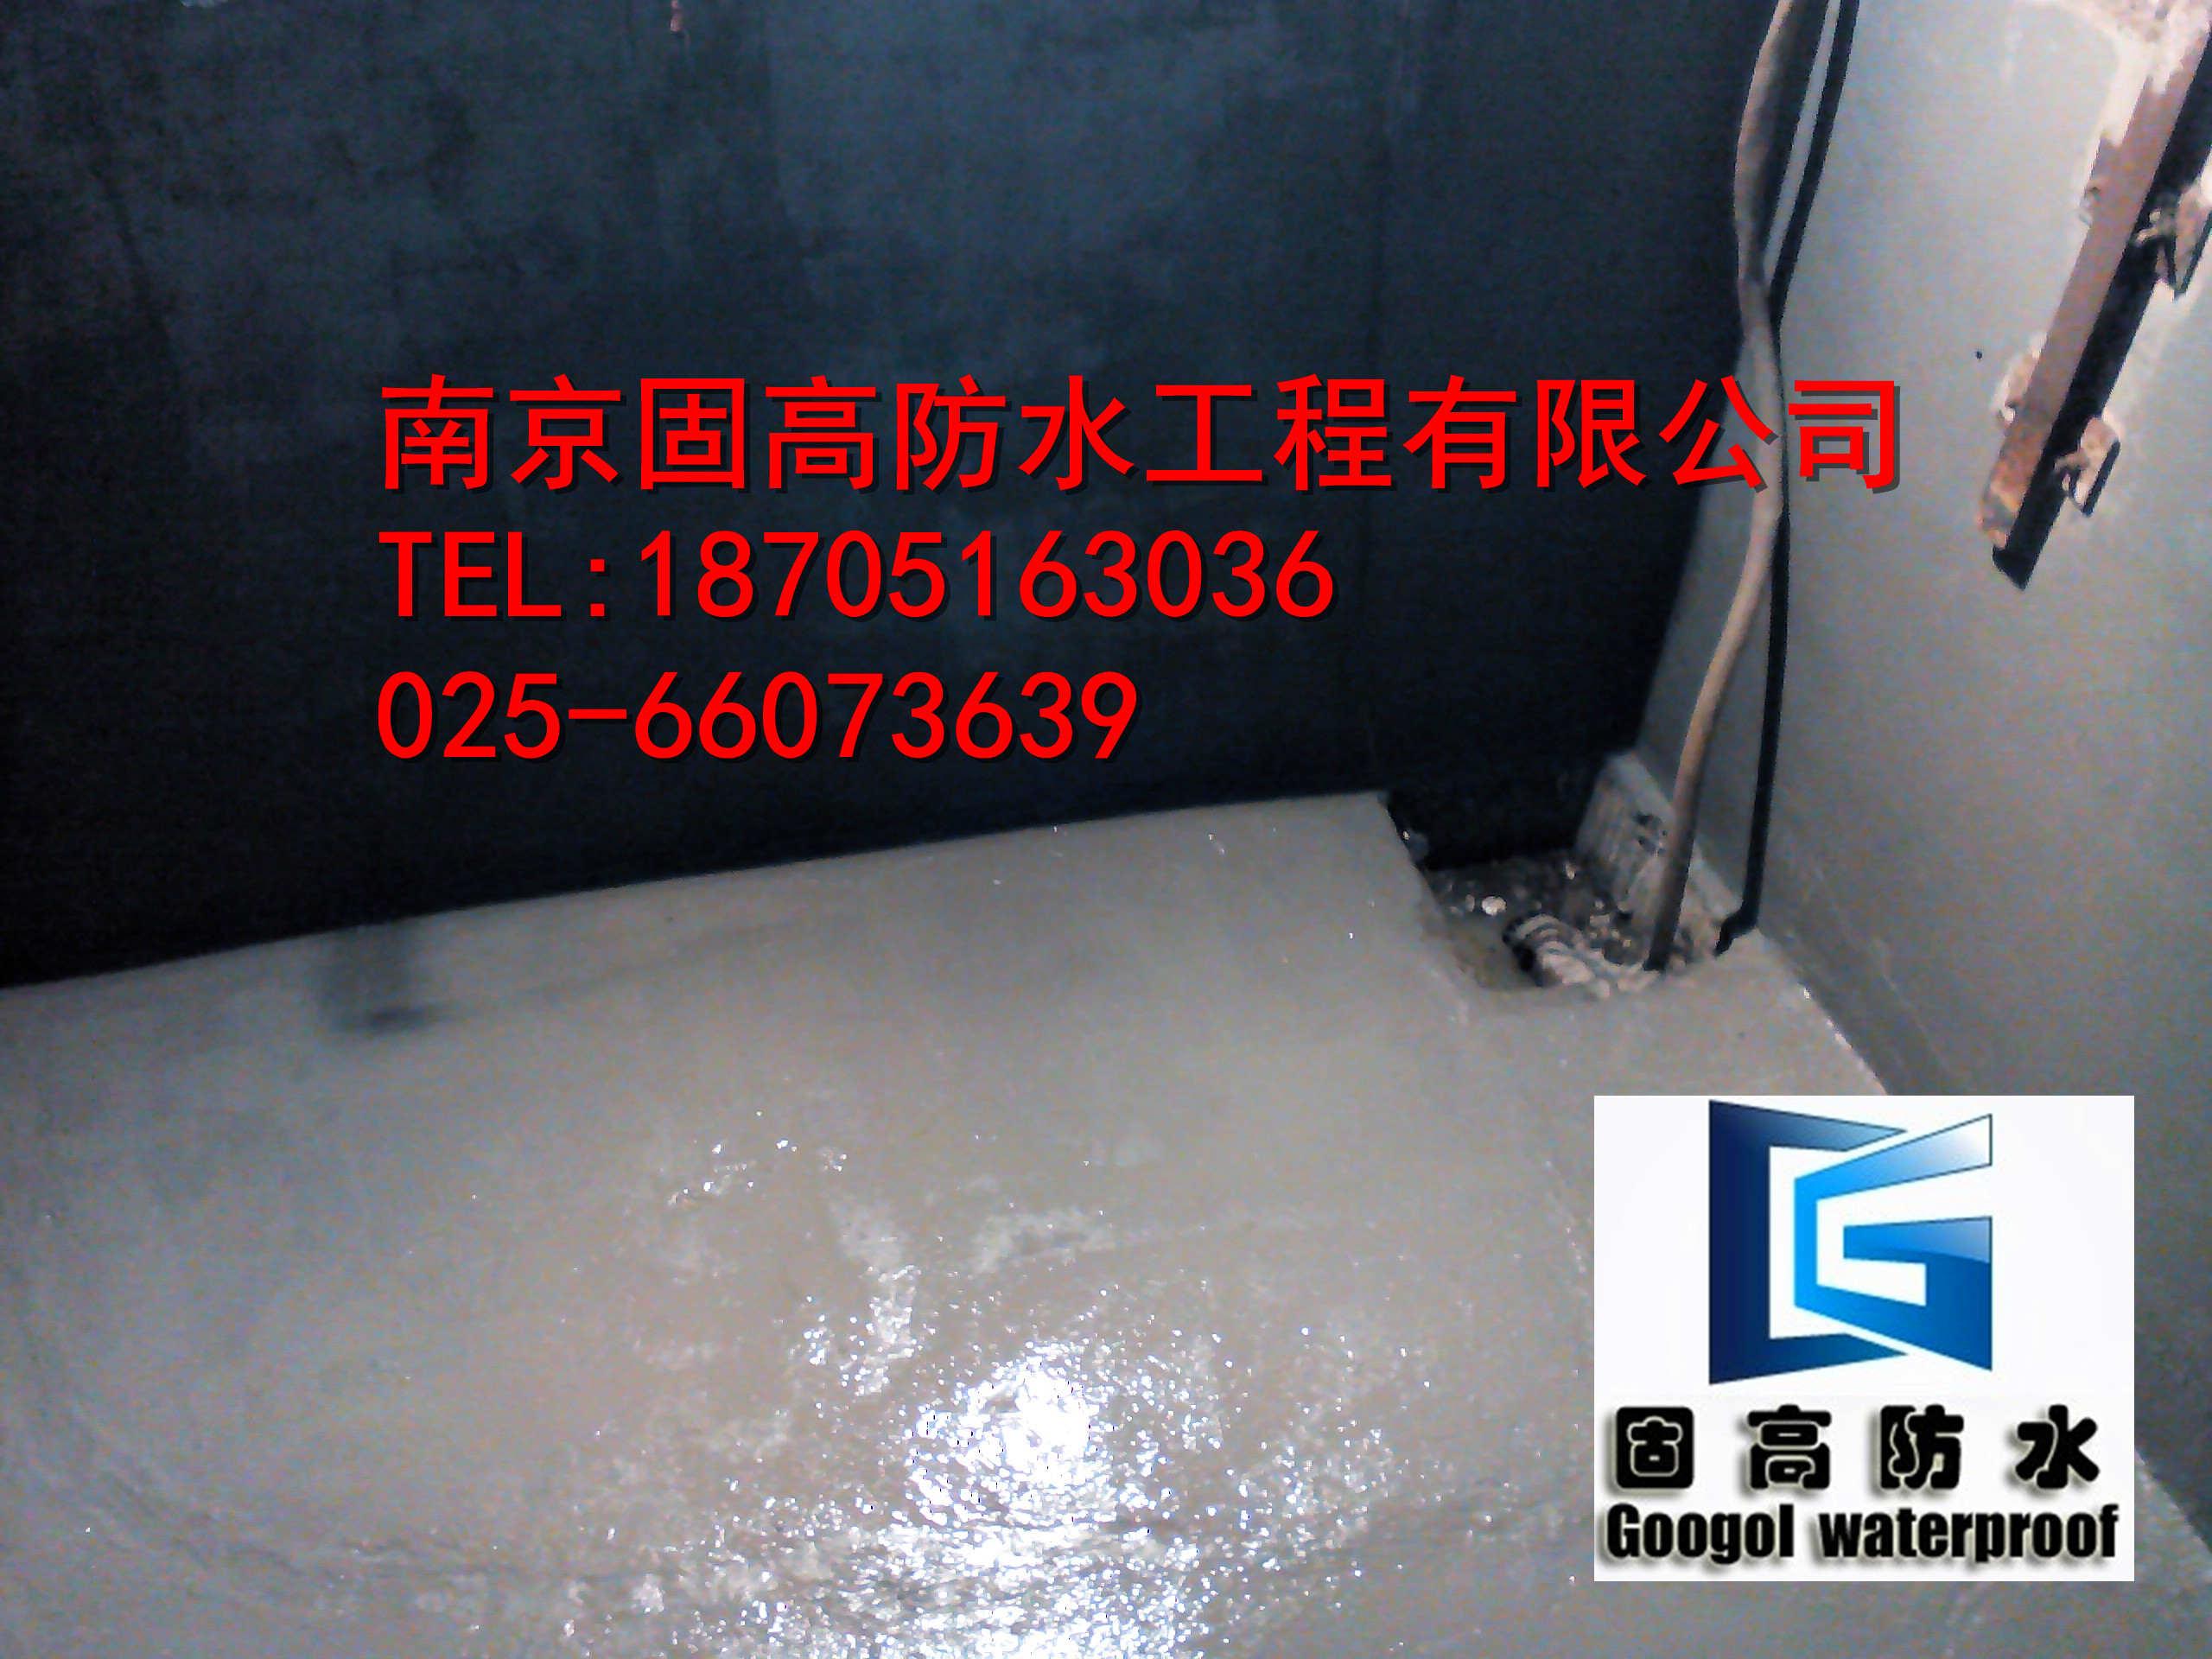 南京工业大学国家生化研究实验中心-a691d175dd0036d6fb19a4a9d41e41a5_20160330224827582758